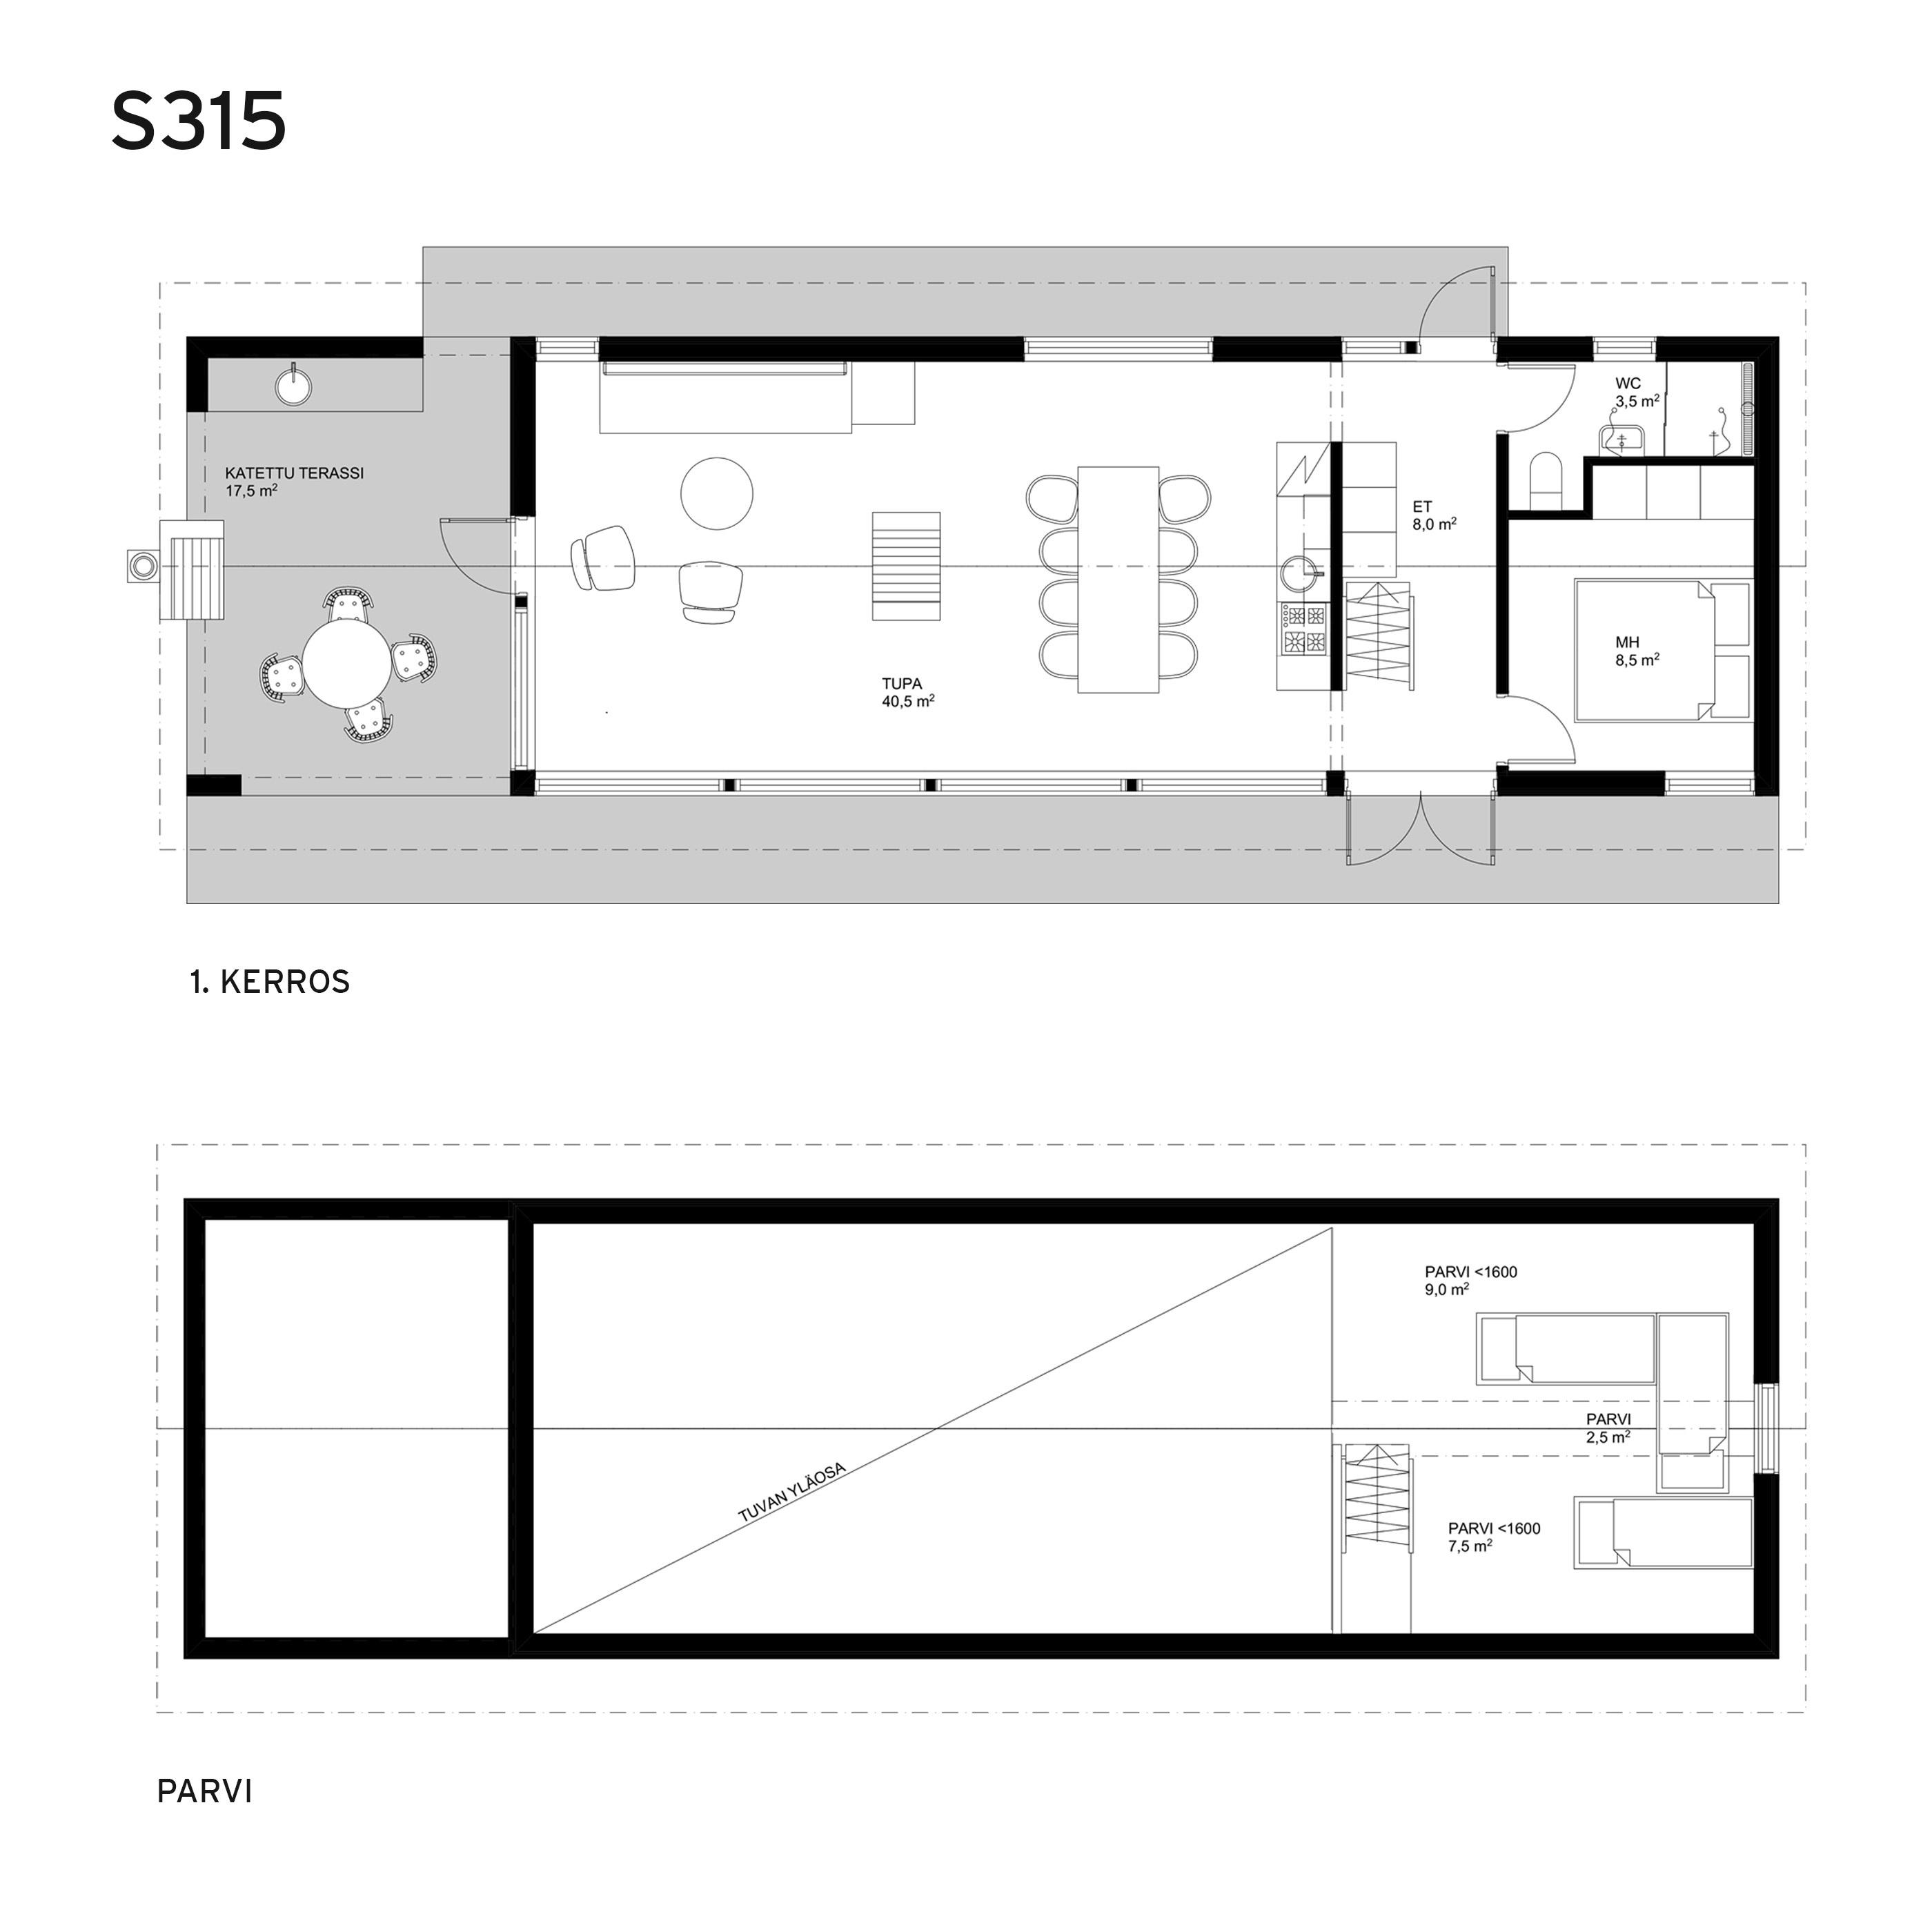 Sunhouse Linjakas talo S315.jpg